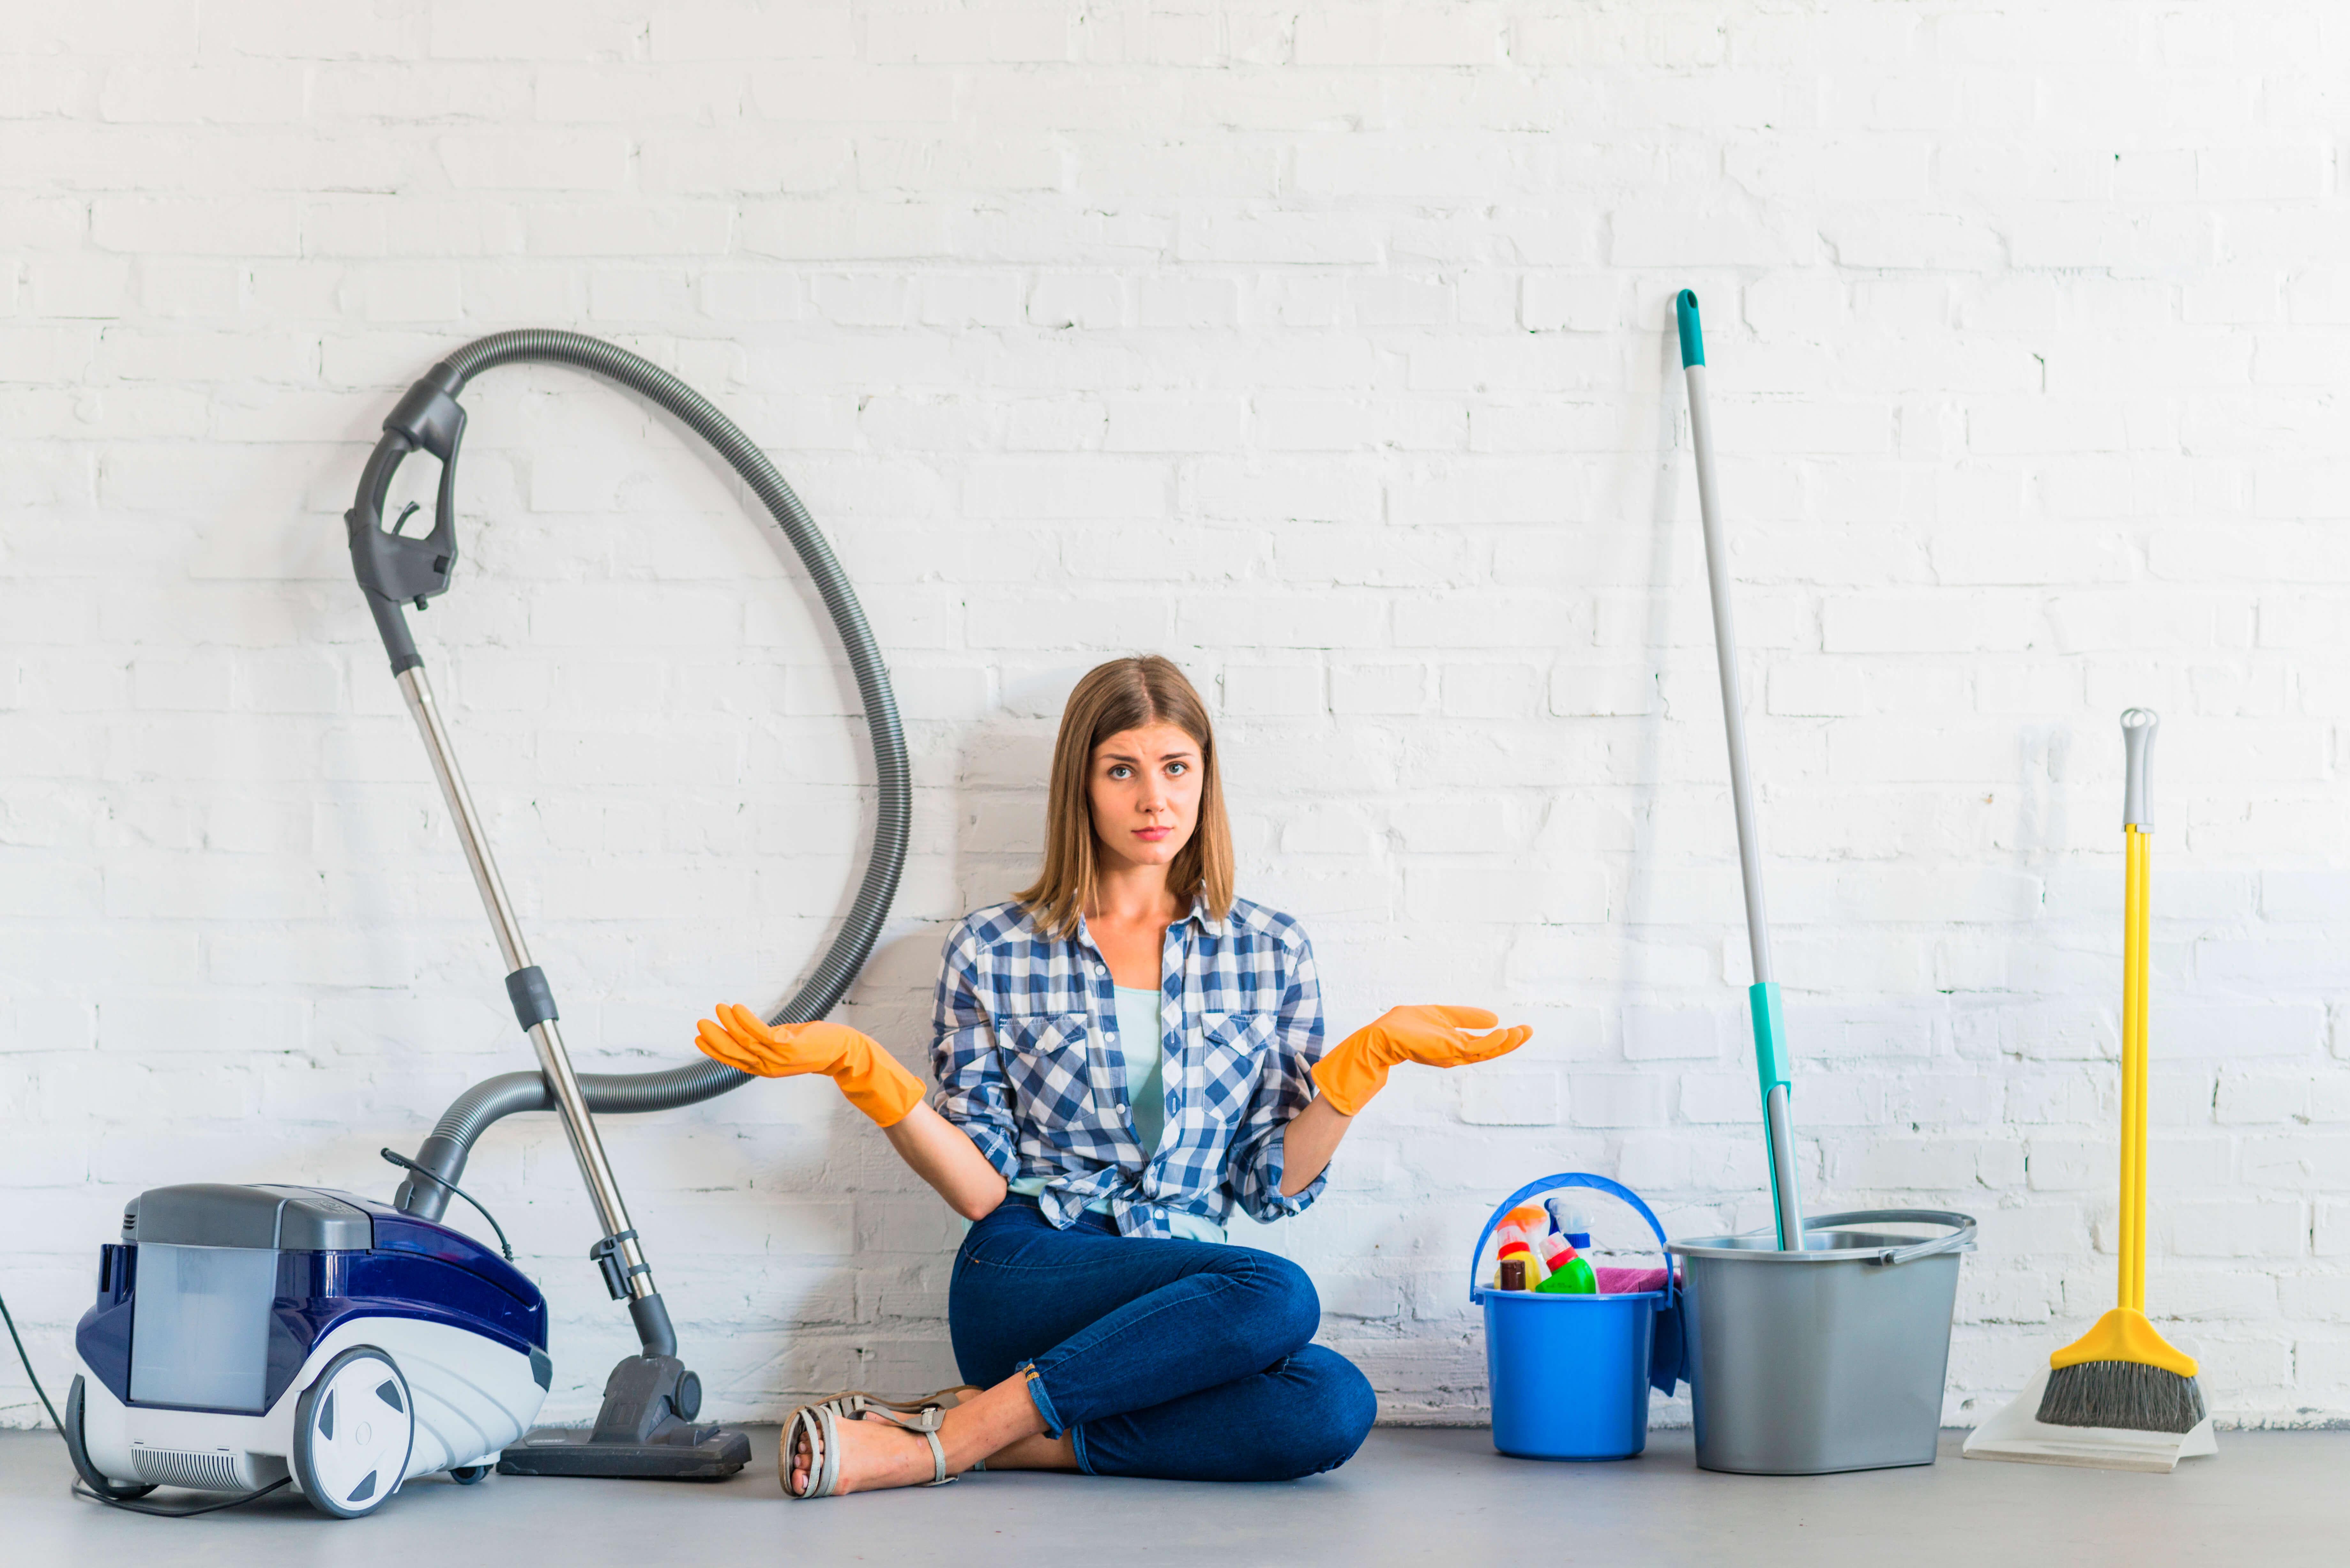 jeune femme qui est entourée de produits et matériel pour faire le ménage